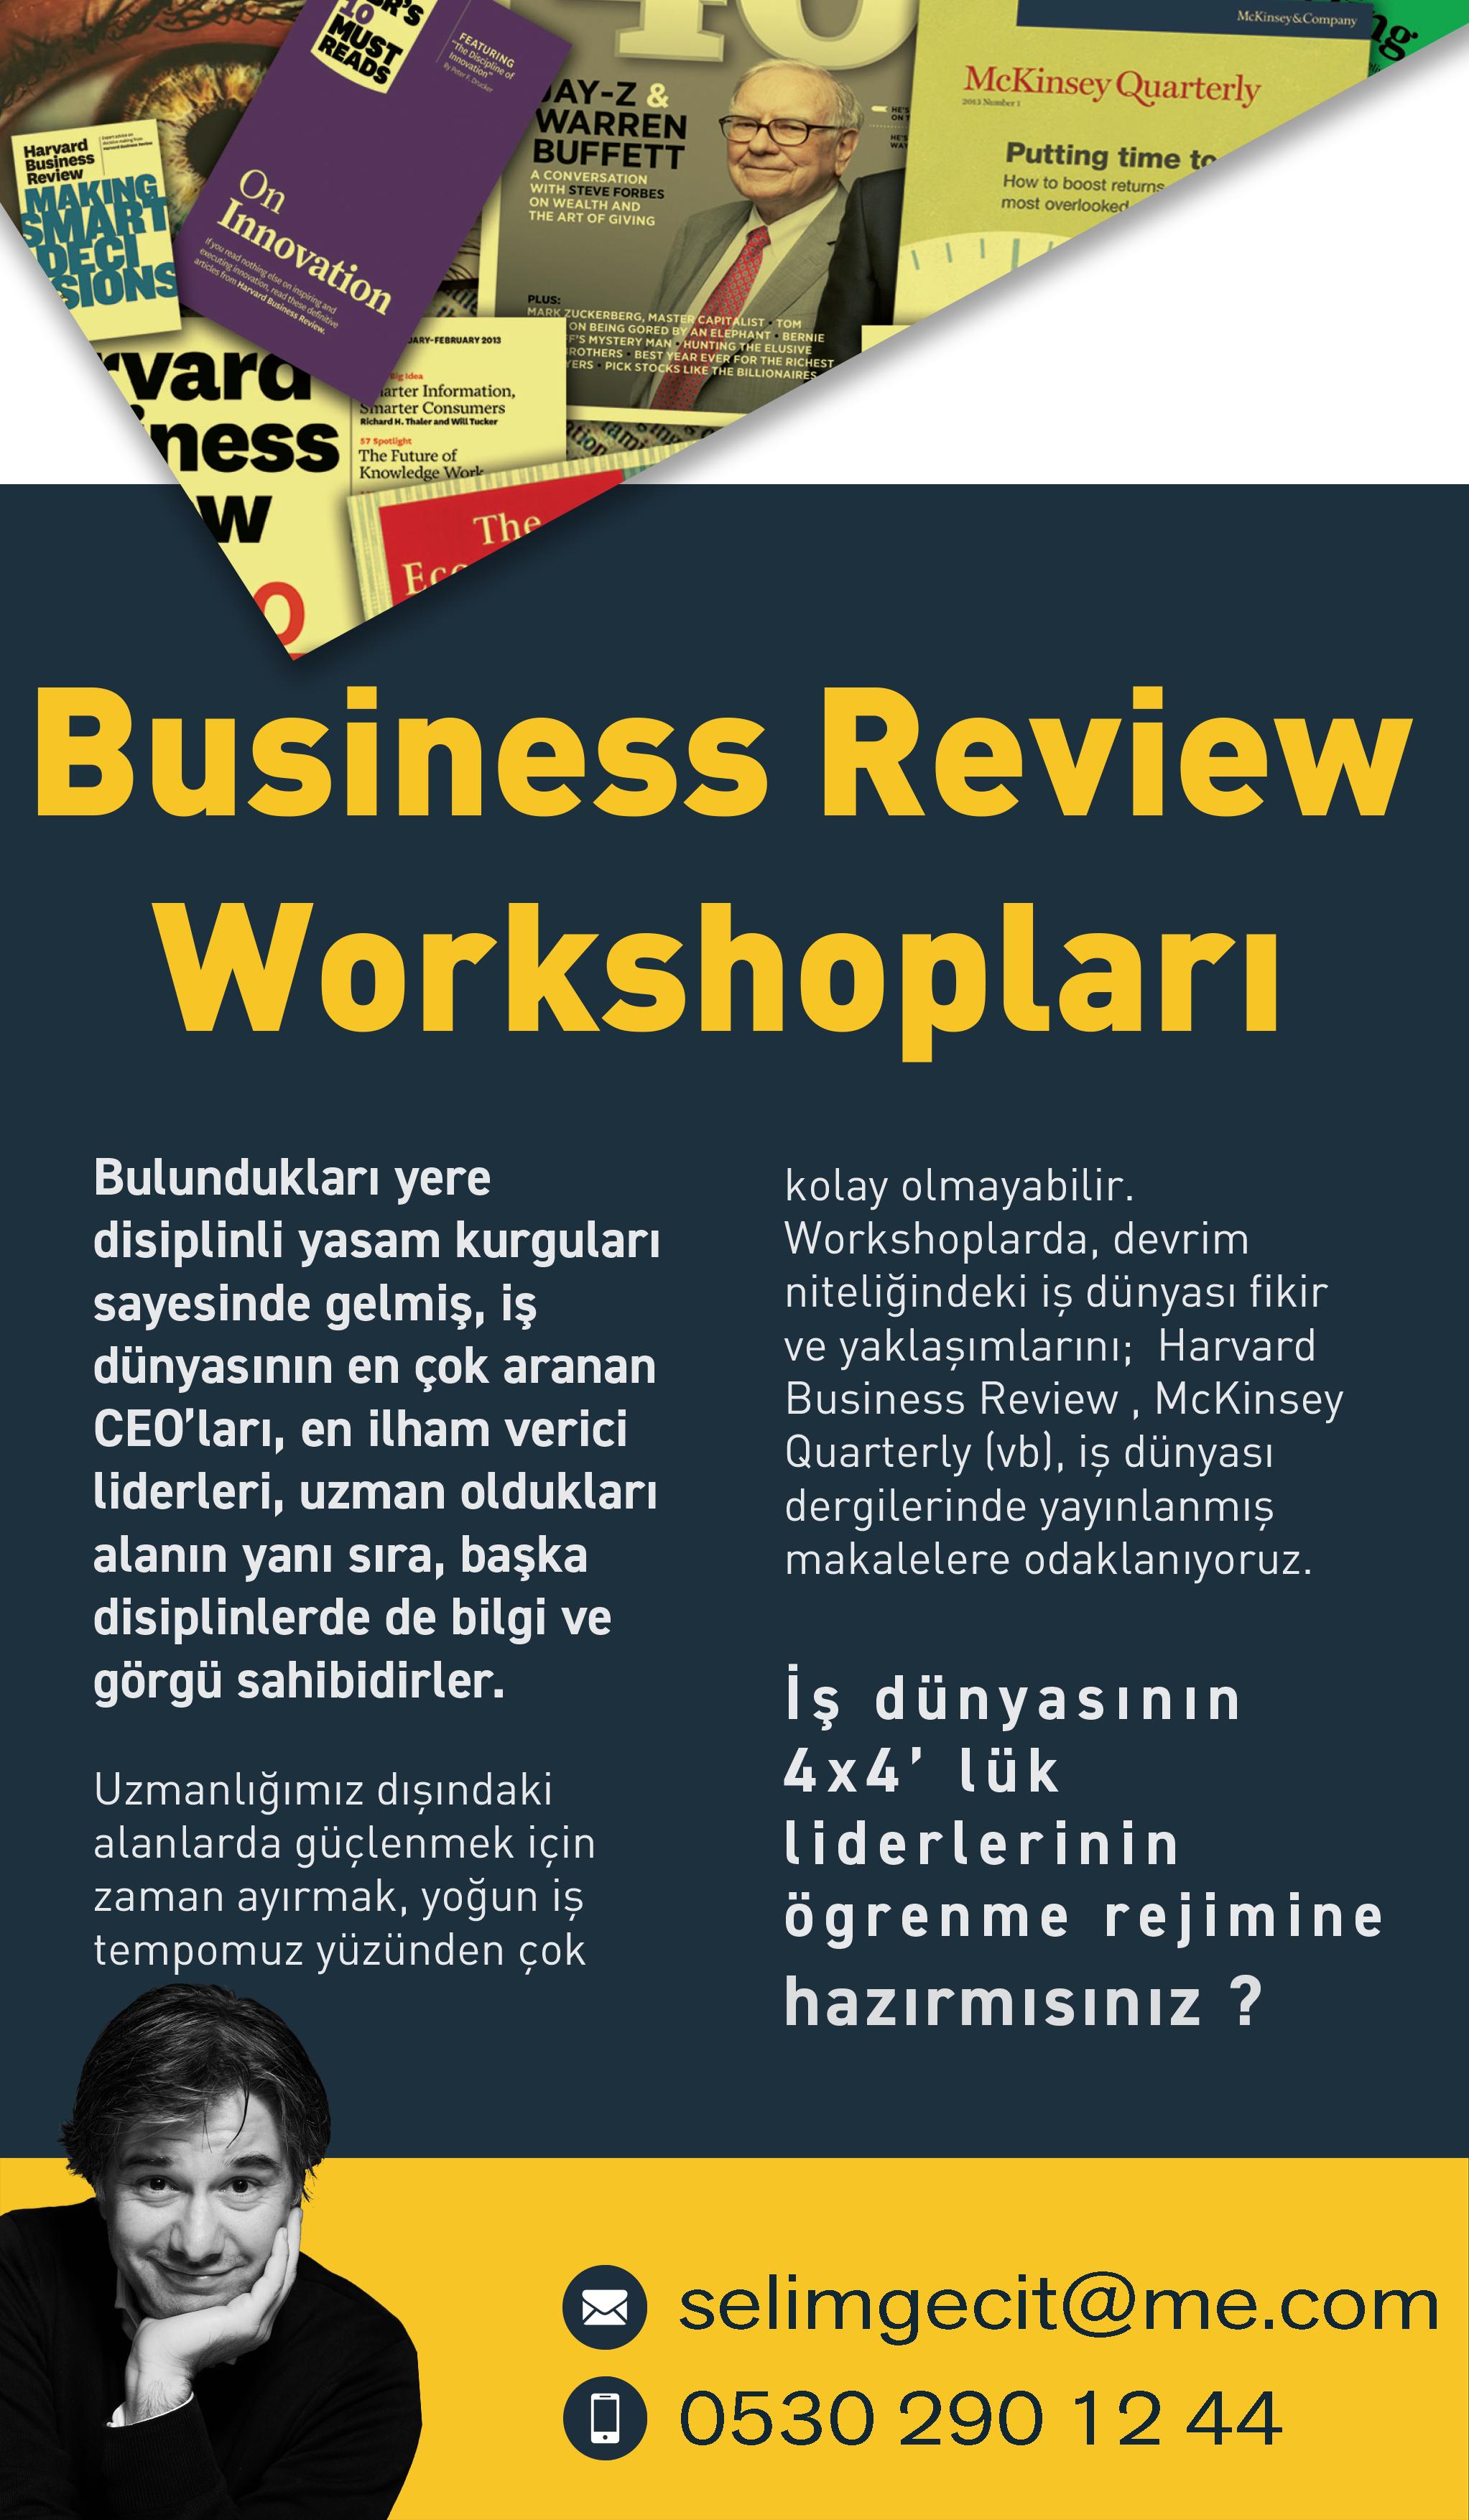 Makale workshopları poster - etkinlik ya da başarı -selim geçit